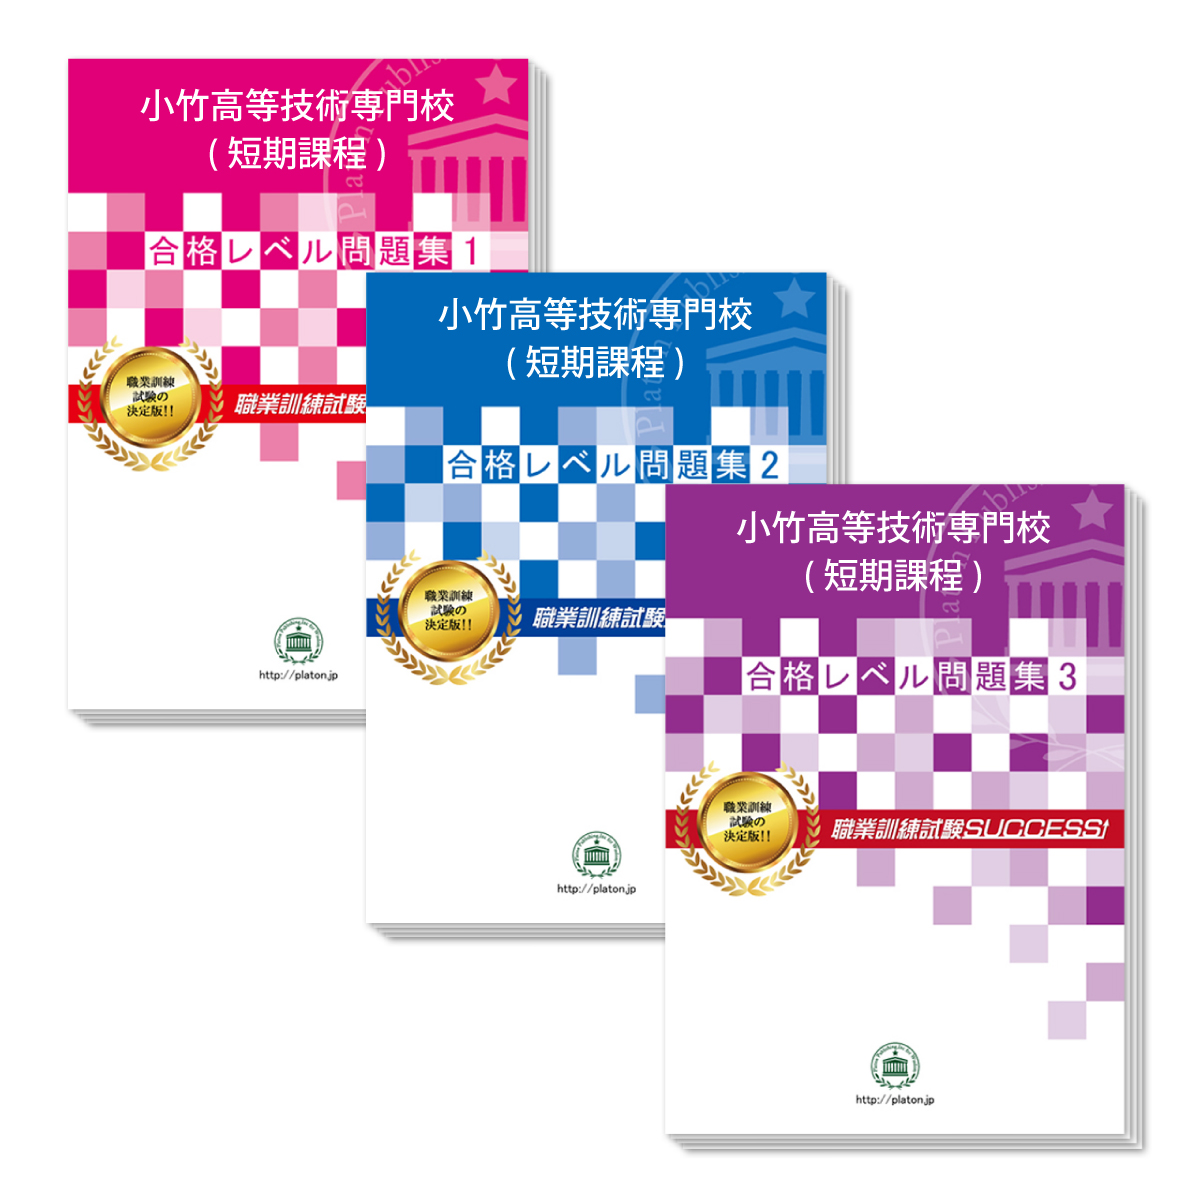 送料 高級品 代引手数料無料 小竹高等技術専門校 短期課程 3冊 最安値 受験合格セット問題集